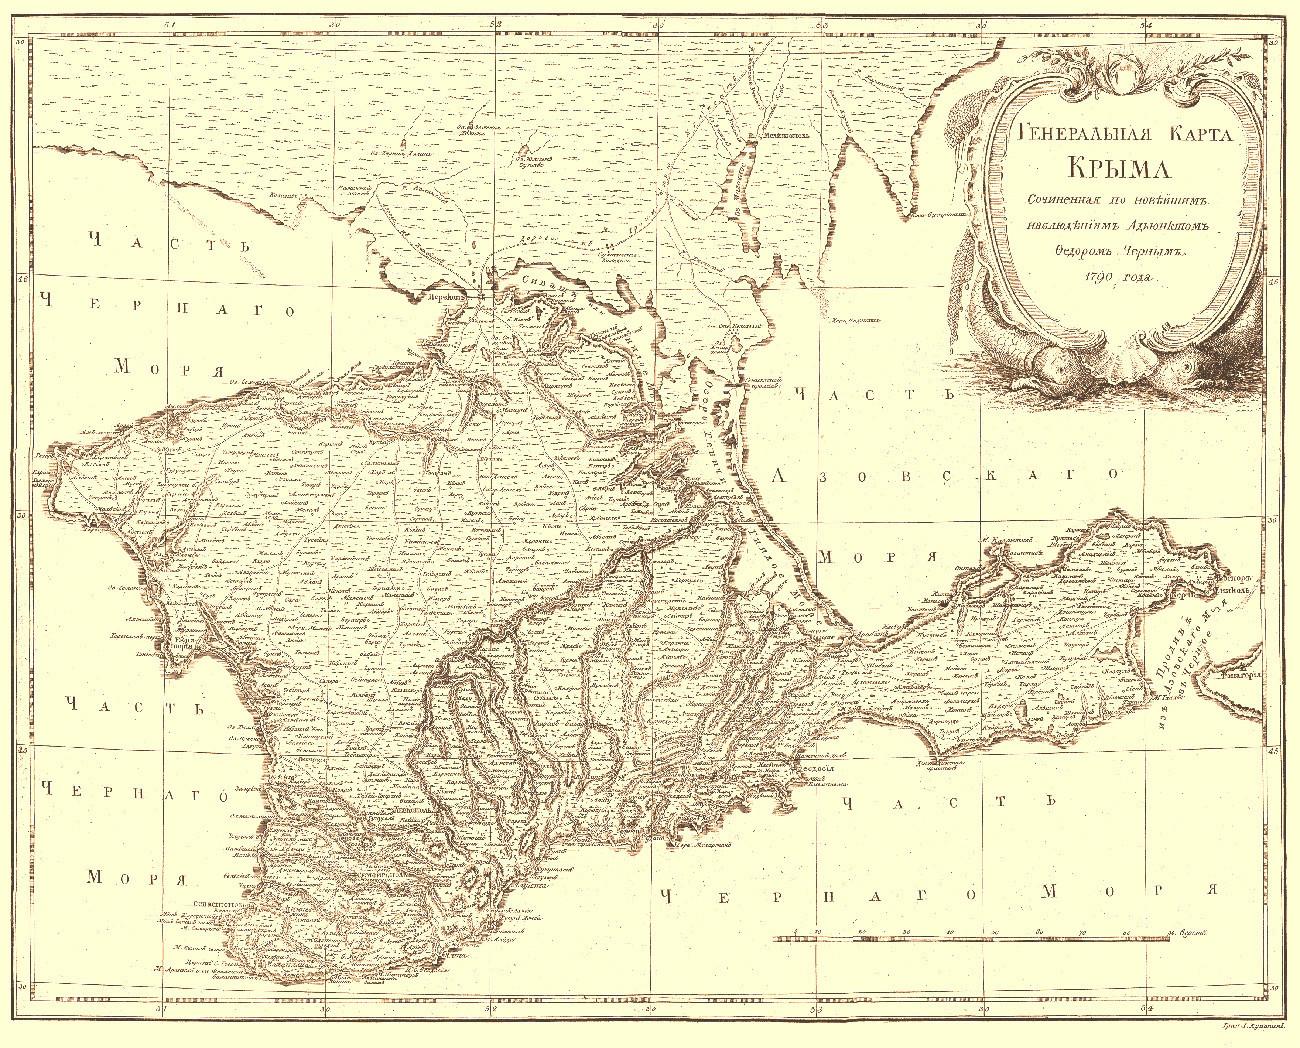 Карта на Крим на помладиот научен соработник Фјодор Чорни, 1790 година.